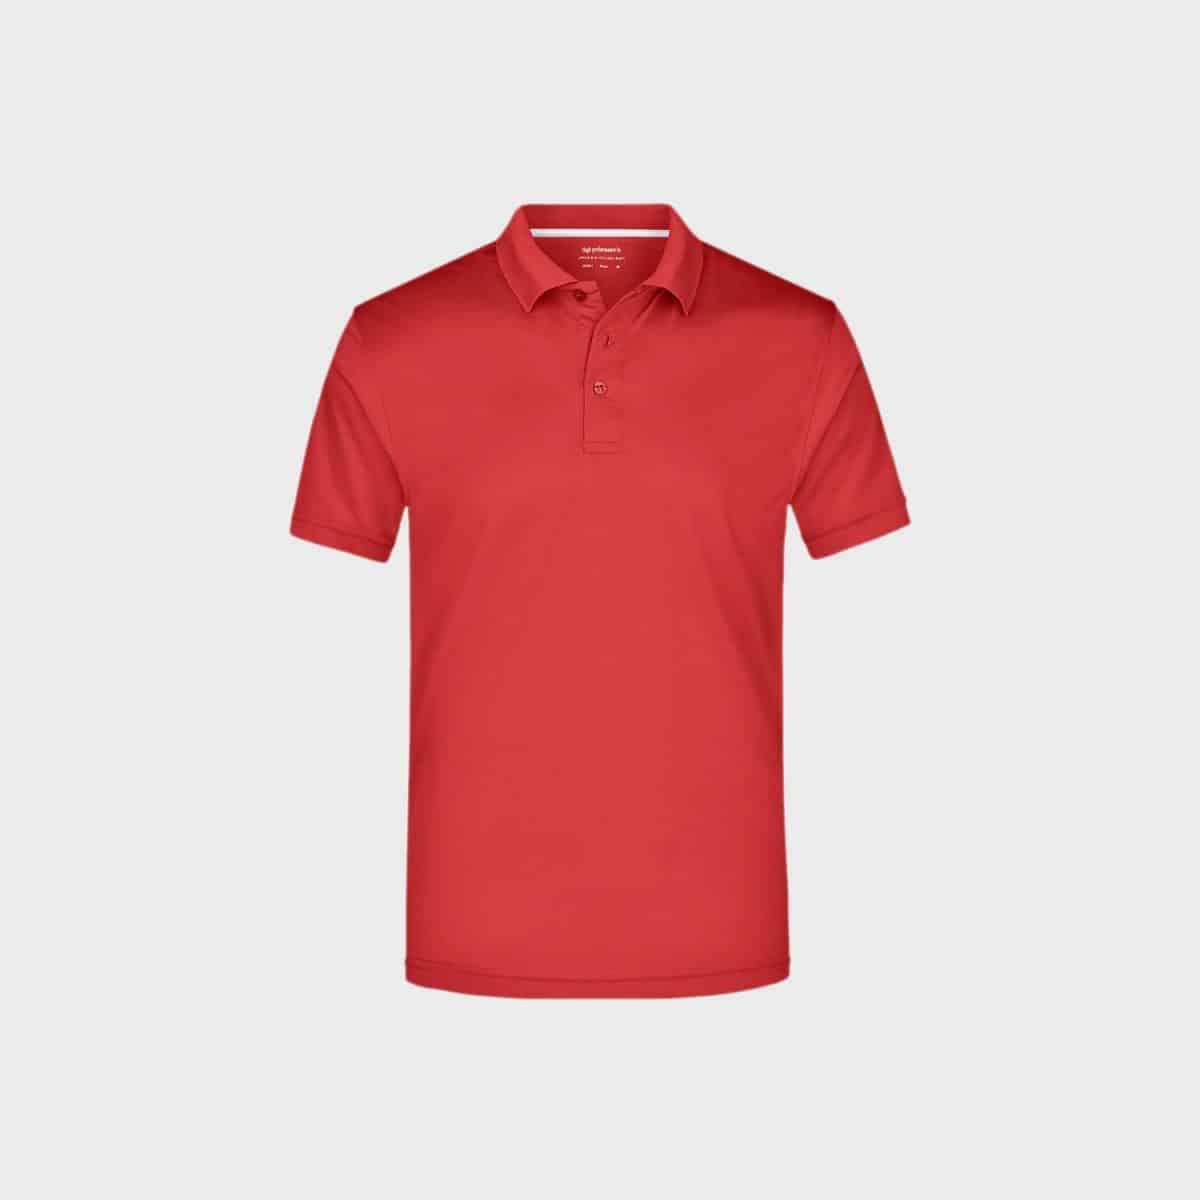 Daiber SportShirts JN401 Red Front